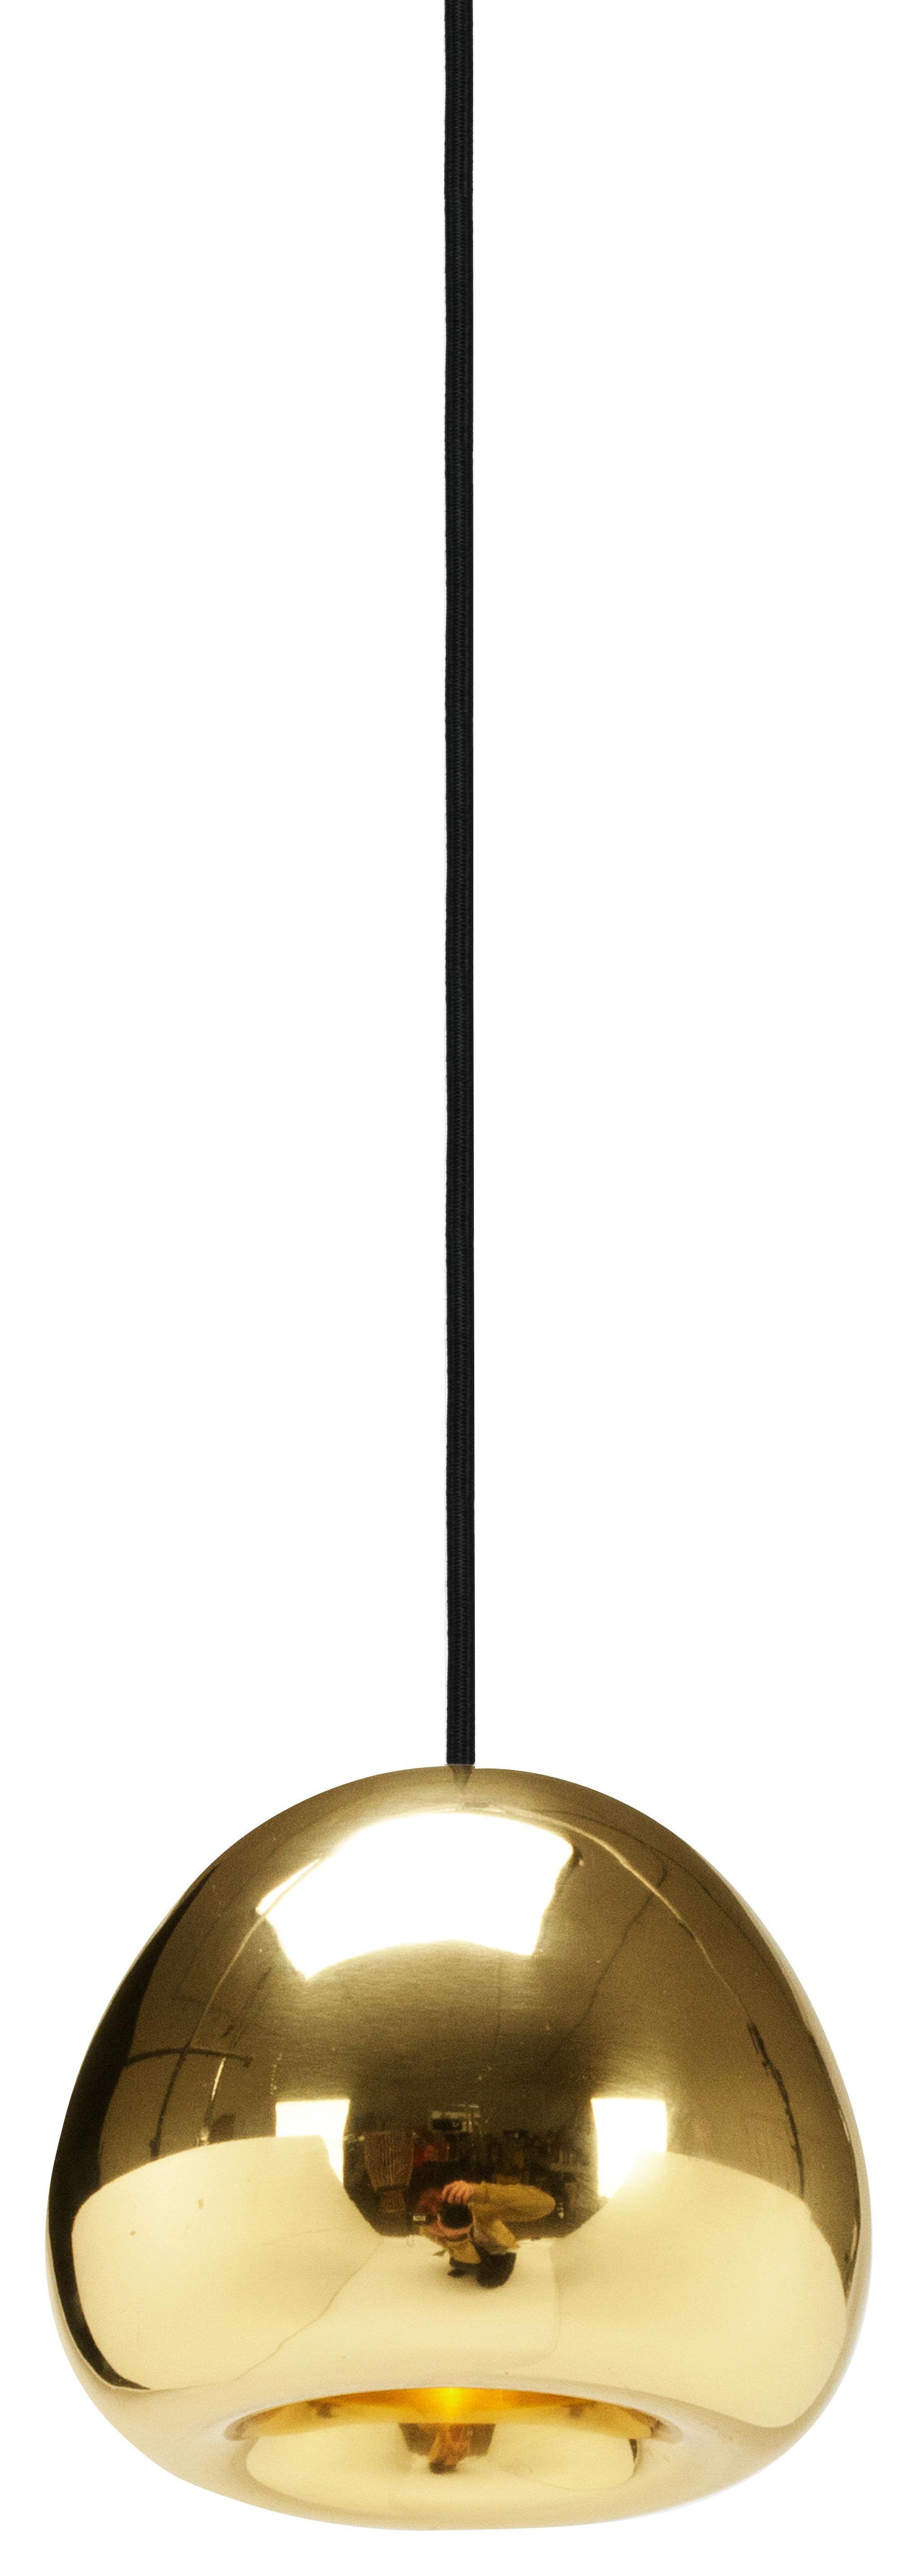 Illuminazione - Lampadari - Sospensione Void Mini - Ø 15,5 cm di Tom Dixon - Ottone - Ottone lucido